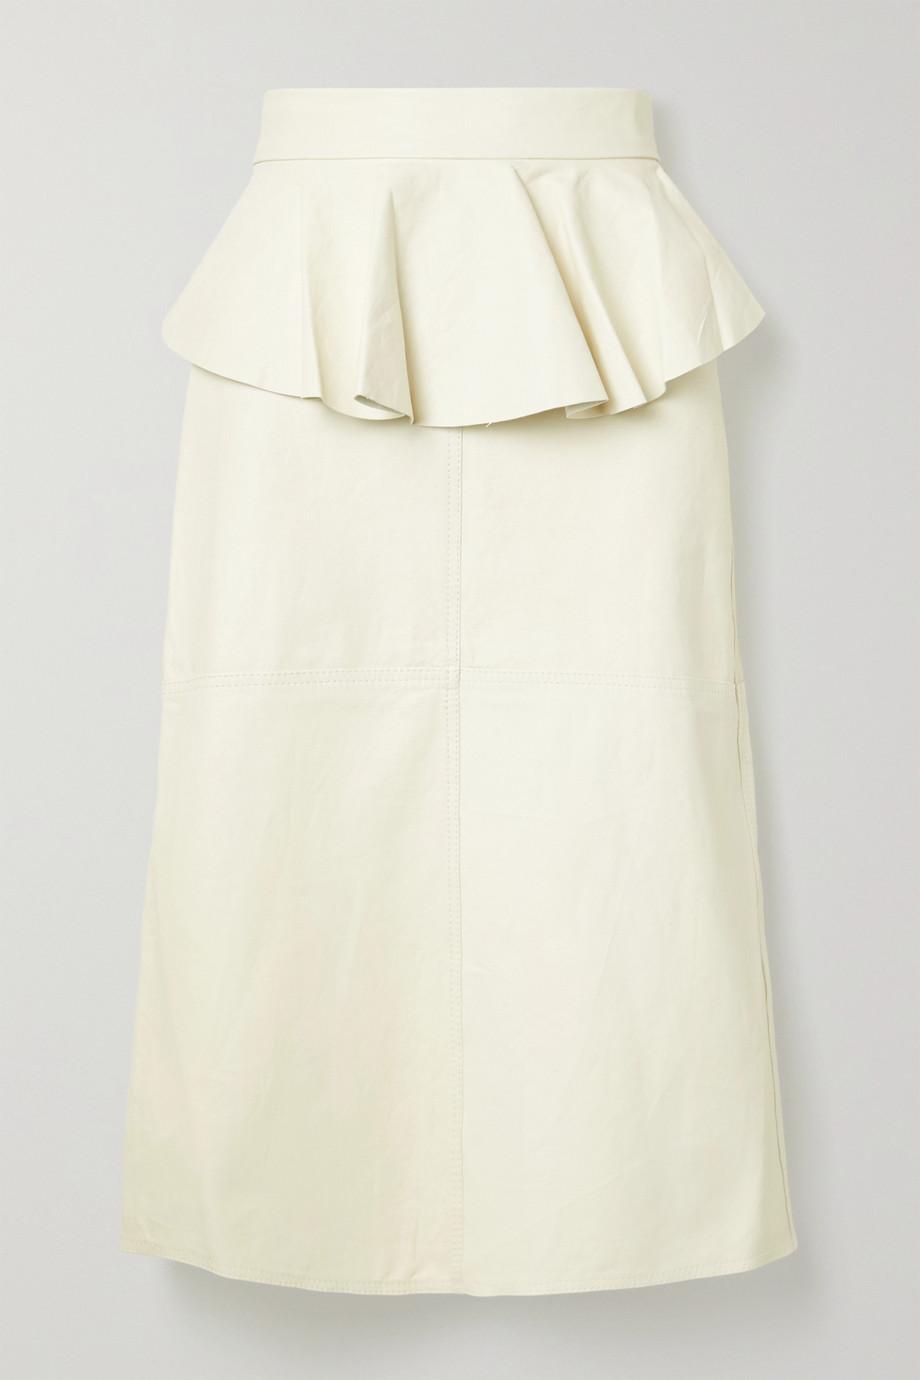 Johanna Ortiz Bewildering ruffled leather midi skirt